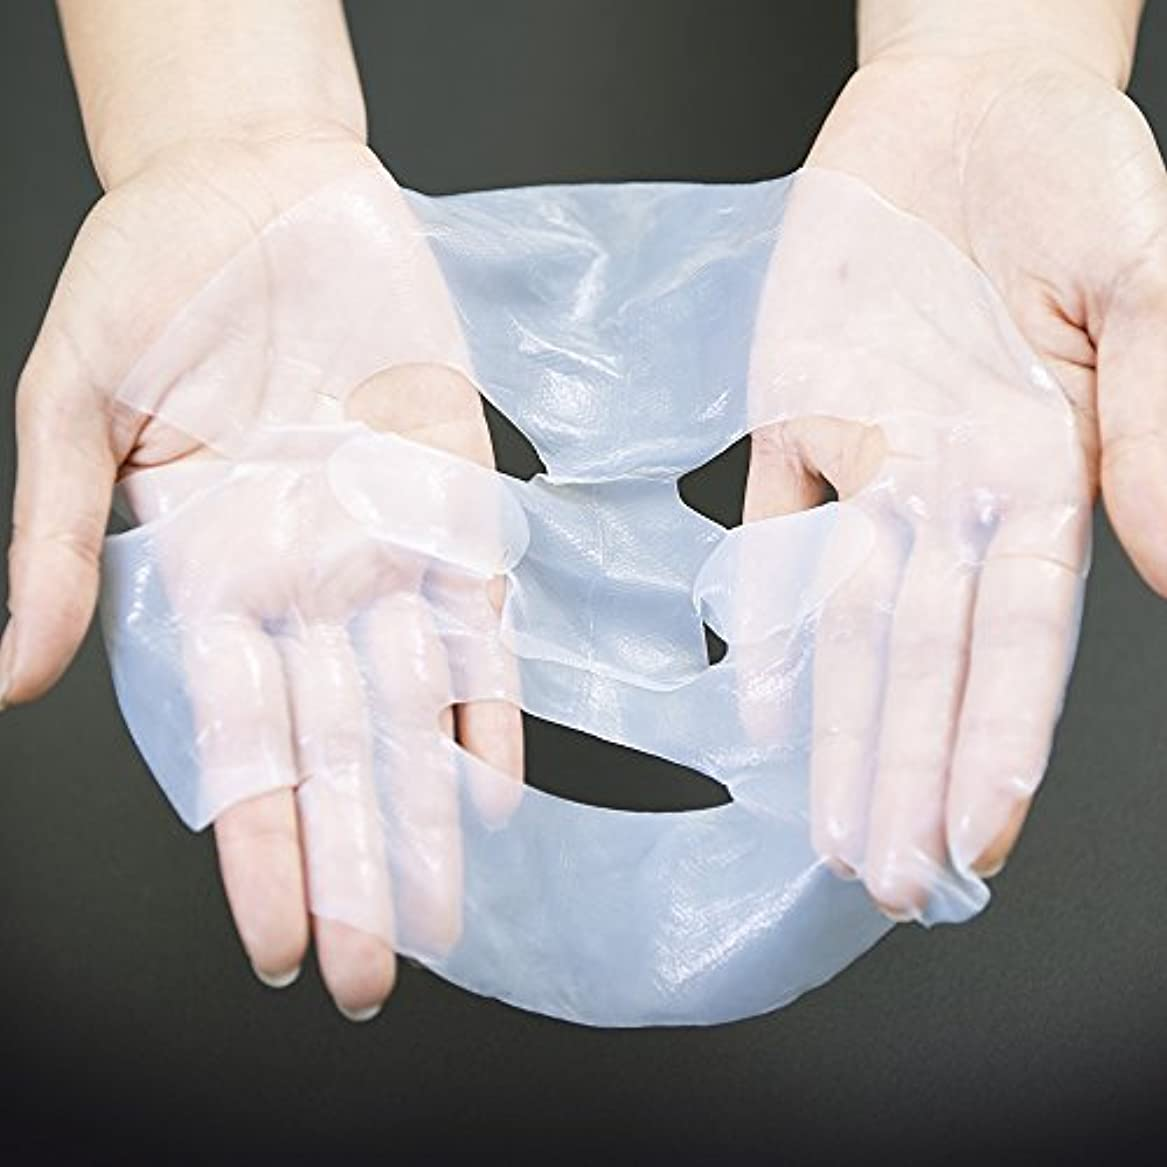 つぼみ非互換にはまってヒト幹細胞化粧品 ディアガイア フェイスパック 5枚セット